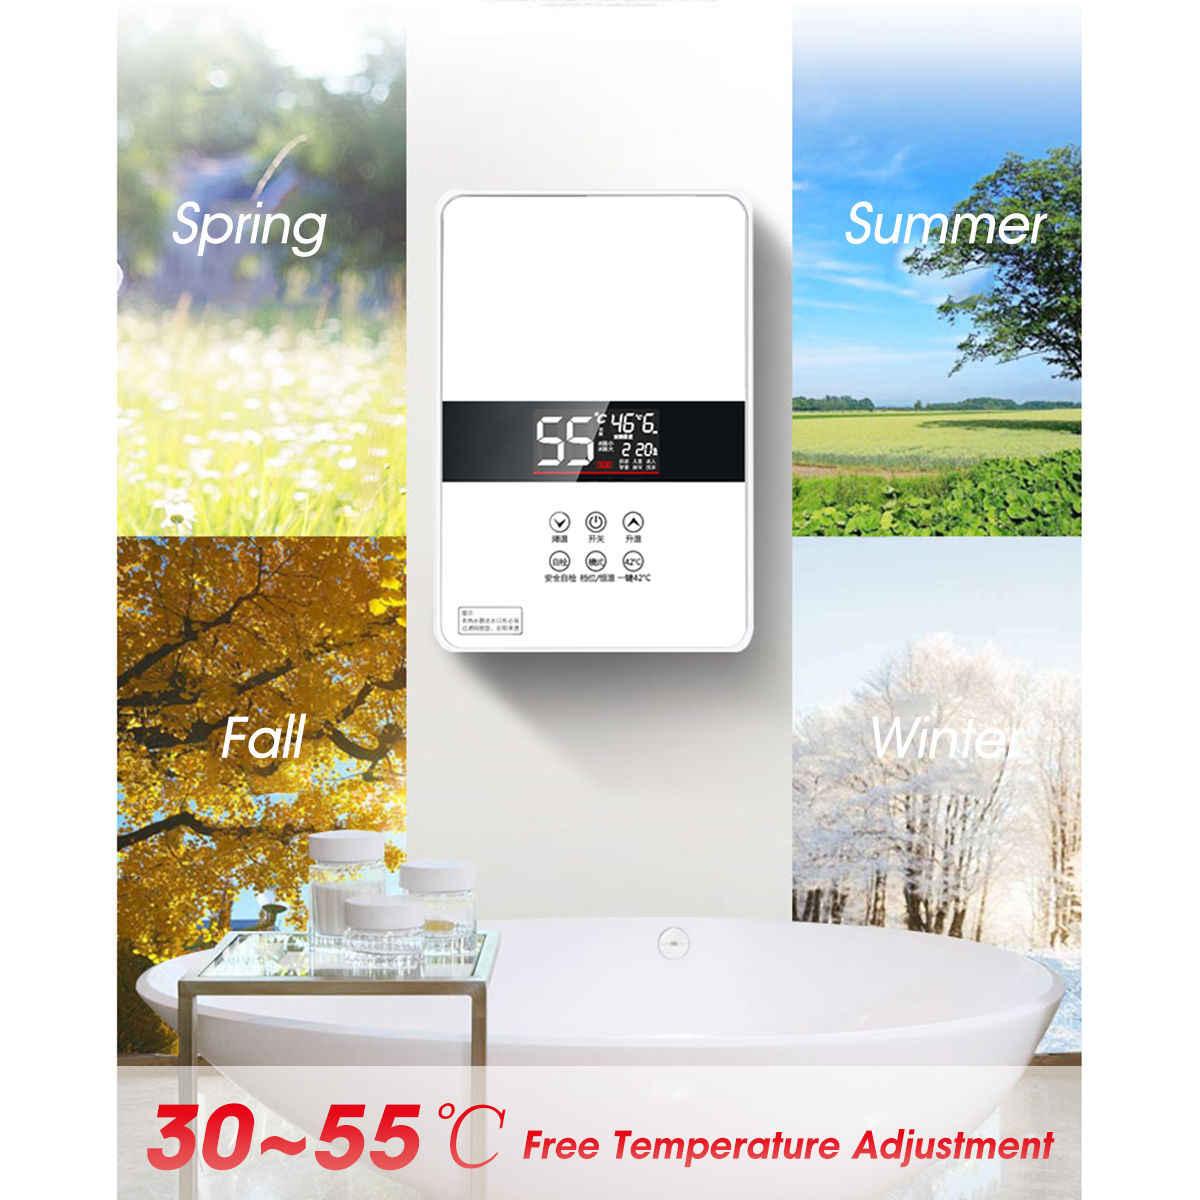 220V 6000W anında sıcak SU ISITICI dijital ekran banyo mutfak elektrikli su kazanı termostat duş musluk + duş başlığı